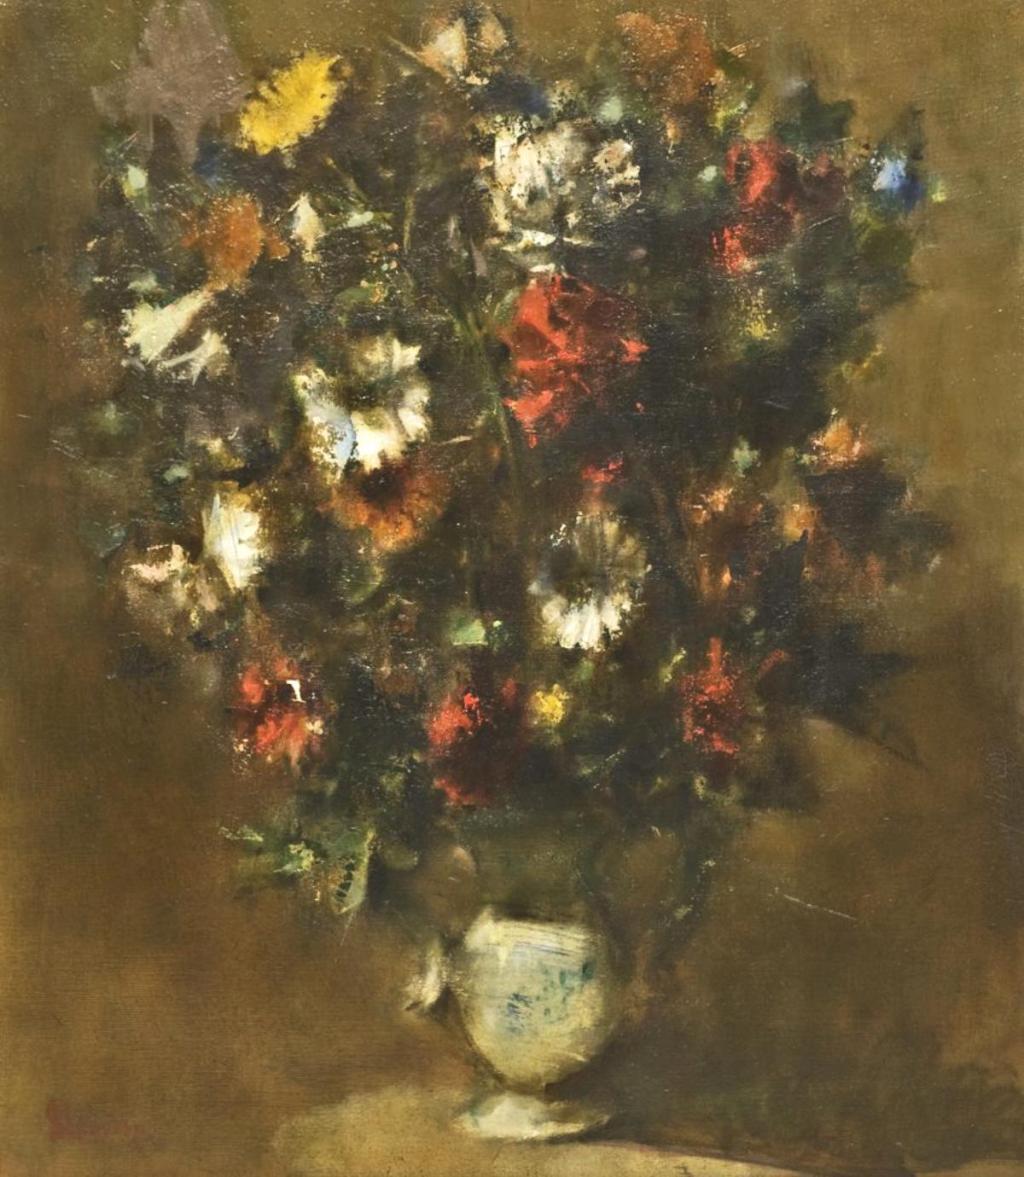 Jack Levine. Flowers. 1962